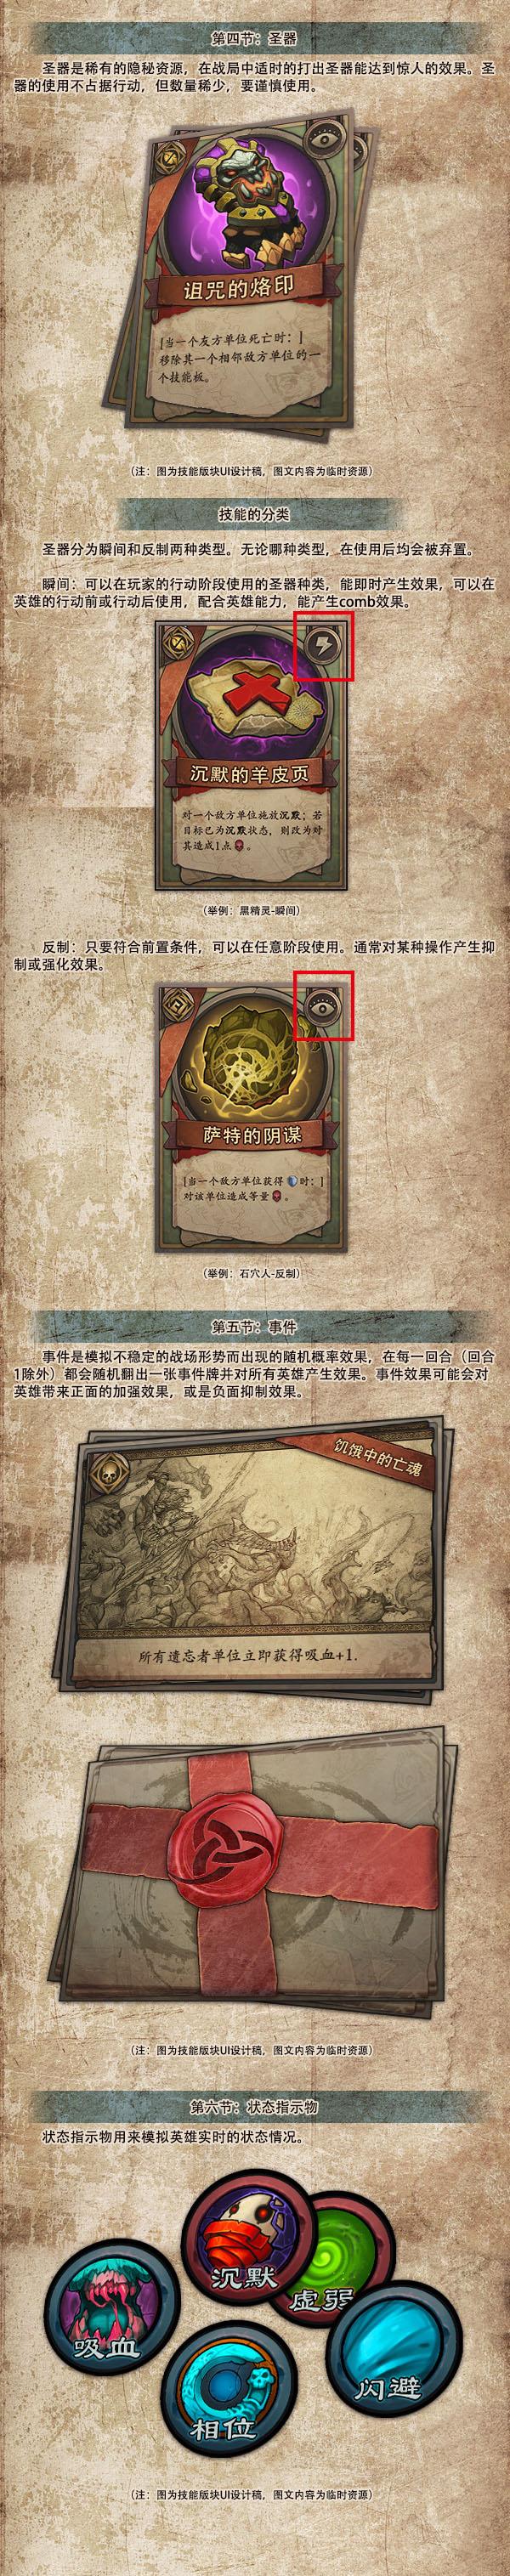 宣传页2-2.jpg